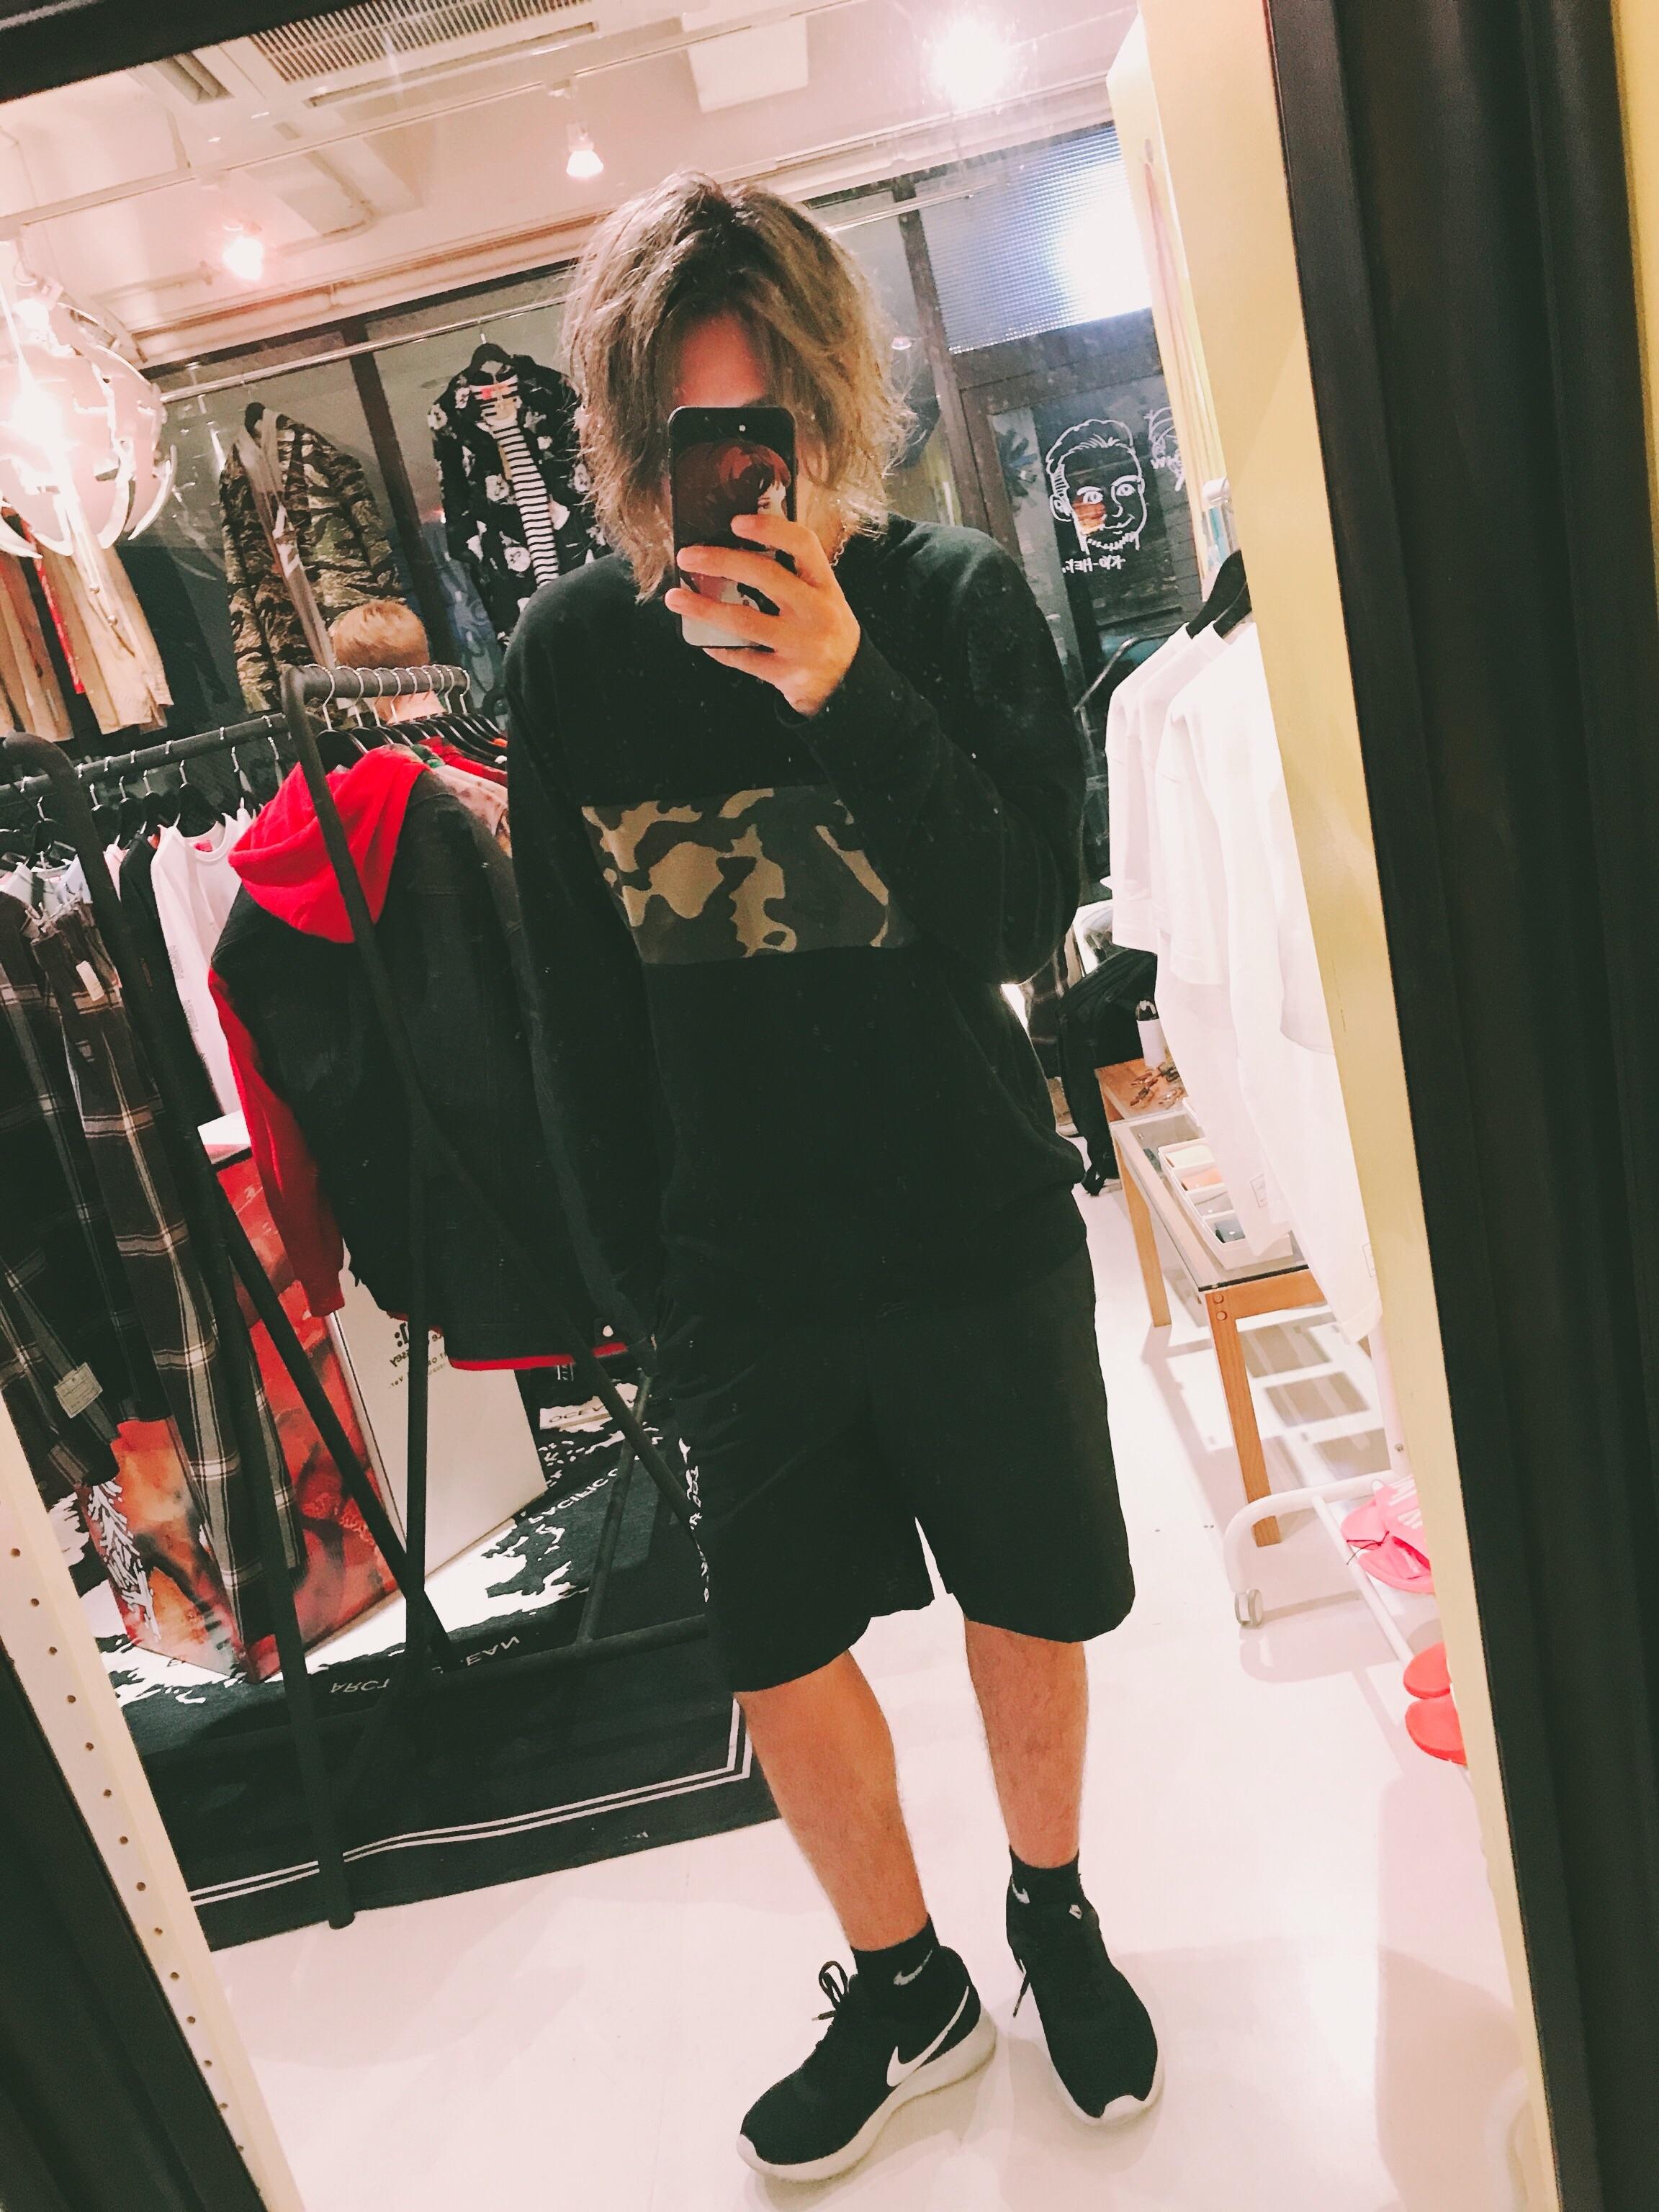 f:id:Yosuke0912:20180920201604j:image